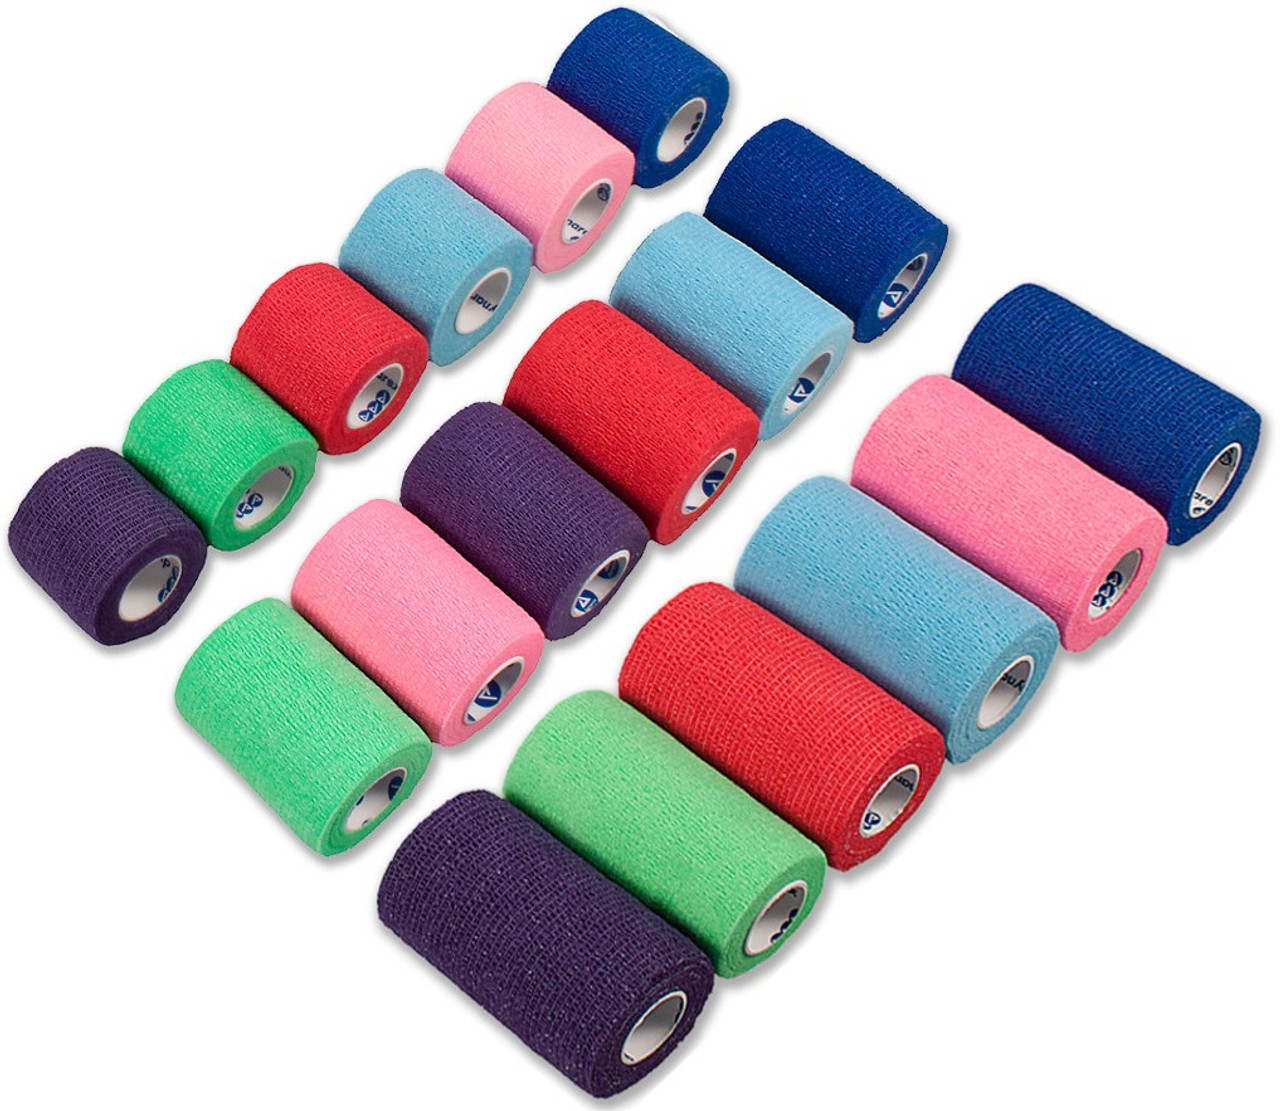 Sensi-Wrap Self-Adhering Elastic Bandage - Rainbow Packs